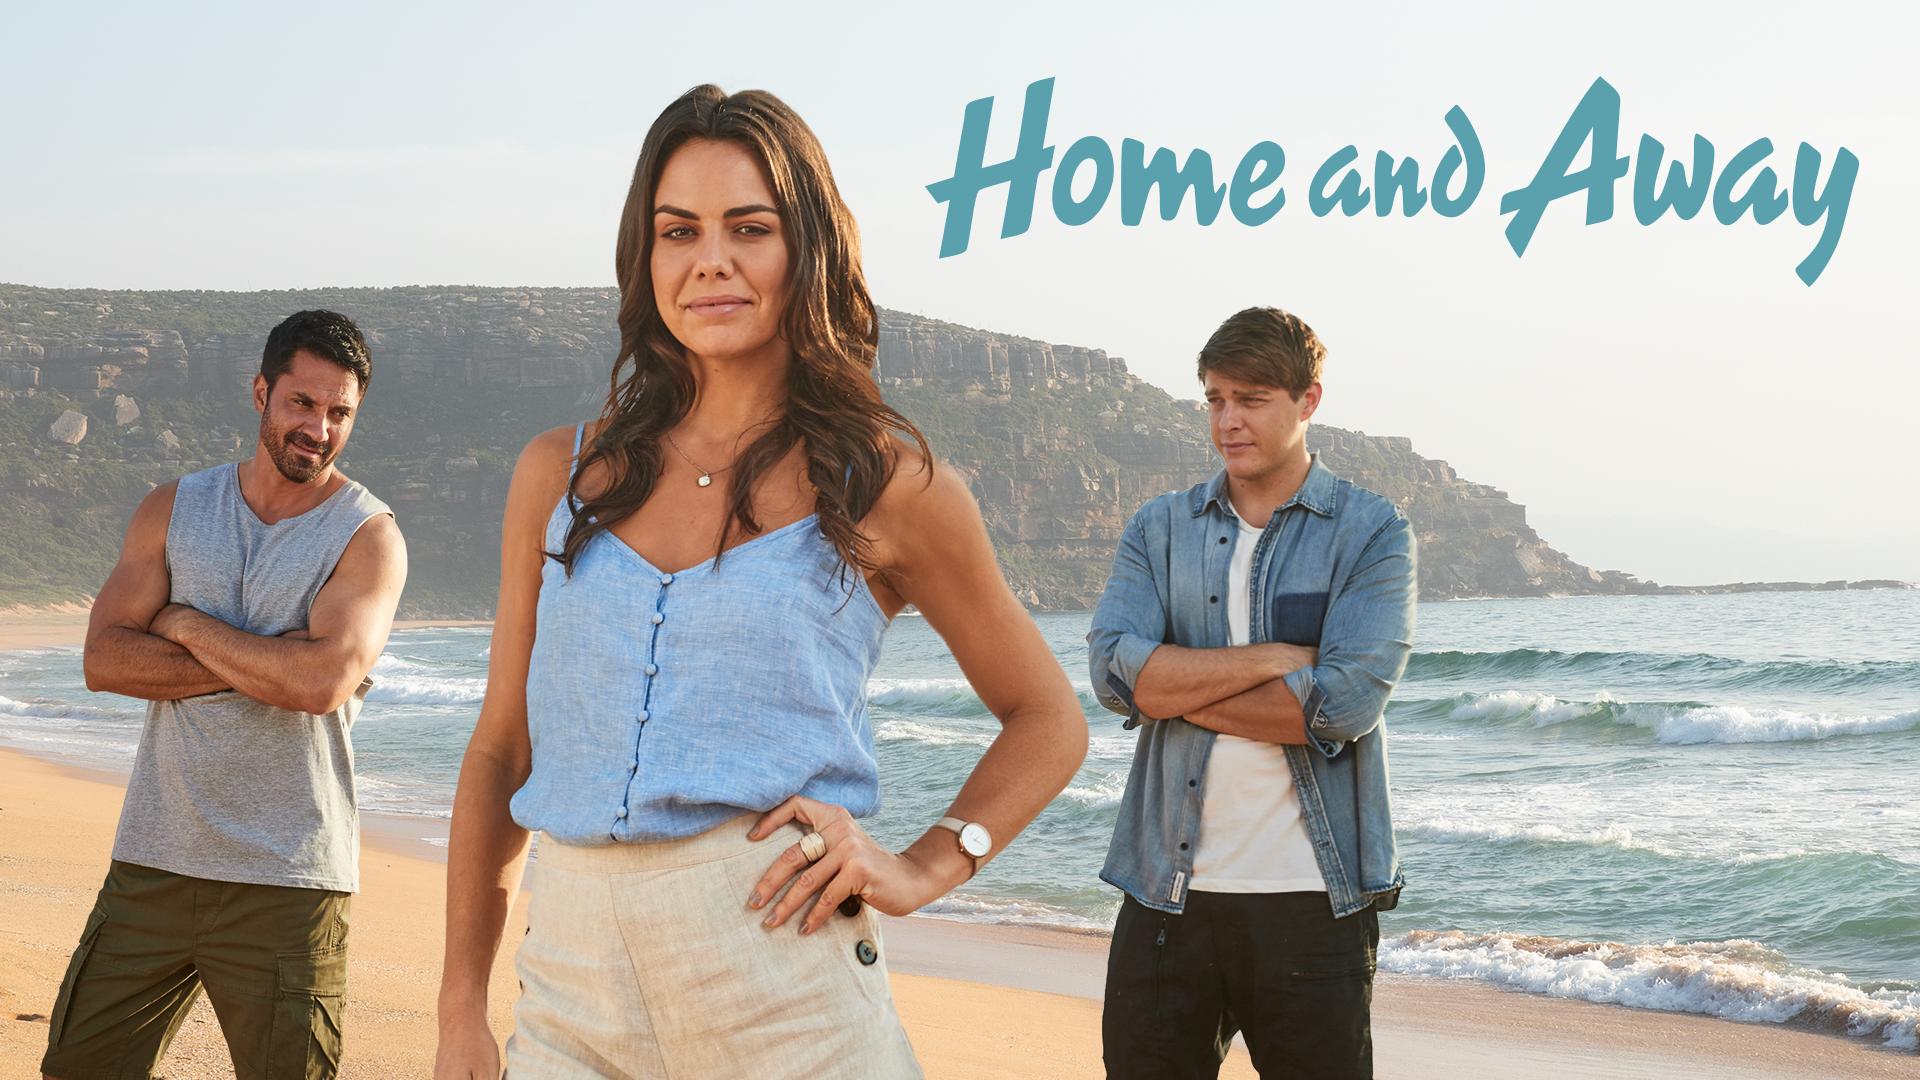 Home and Away: Australia's #1 drama